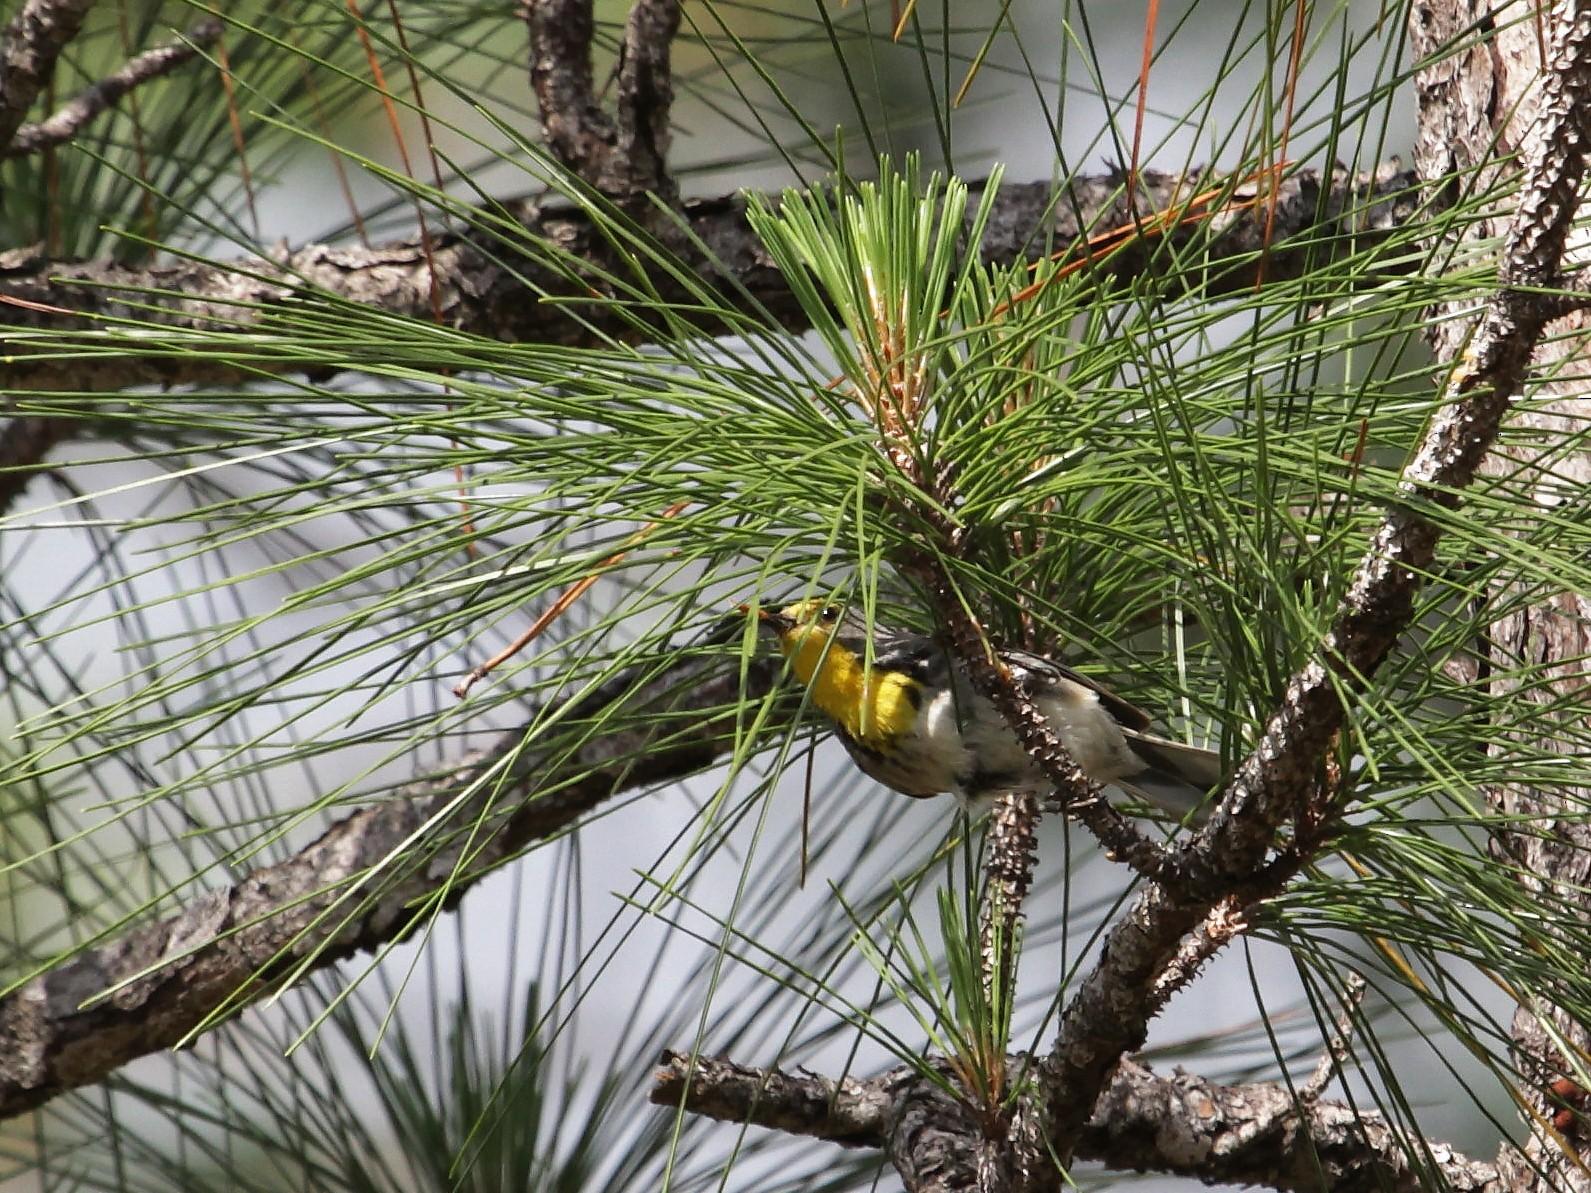 Olive-capped Warbler - John Bjorkman